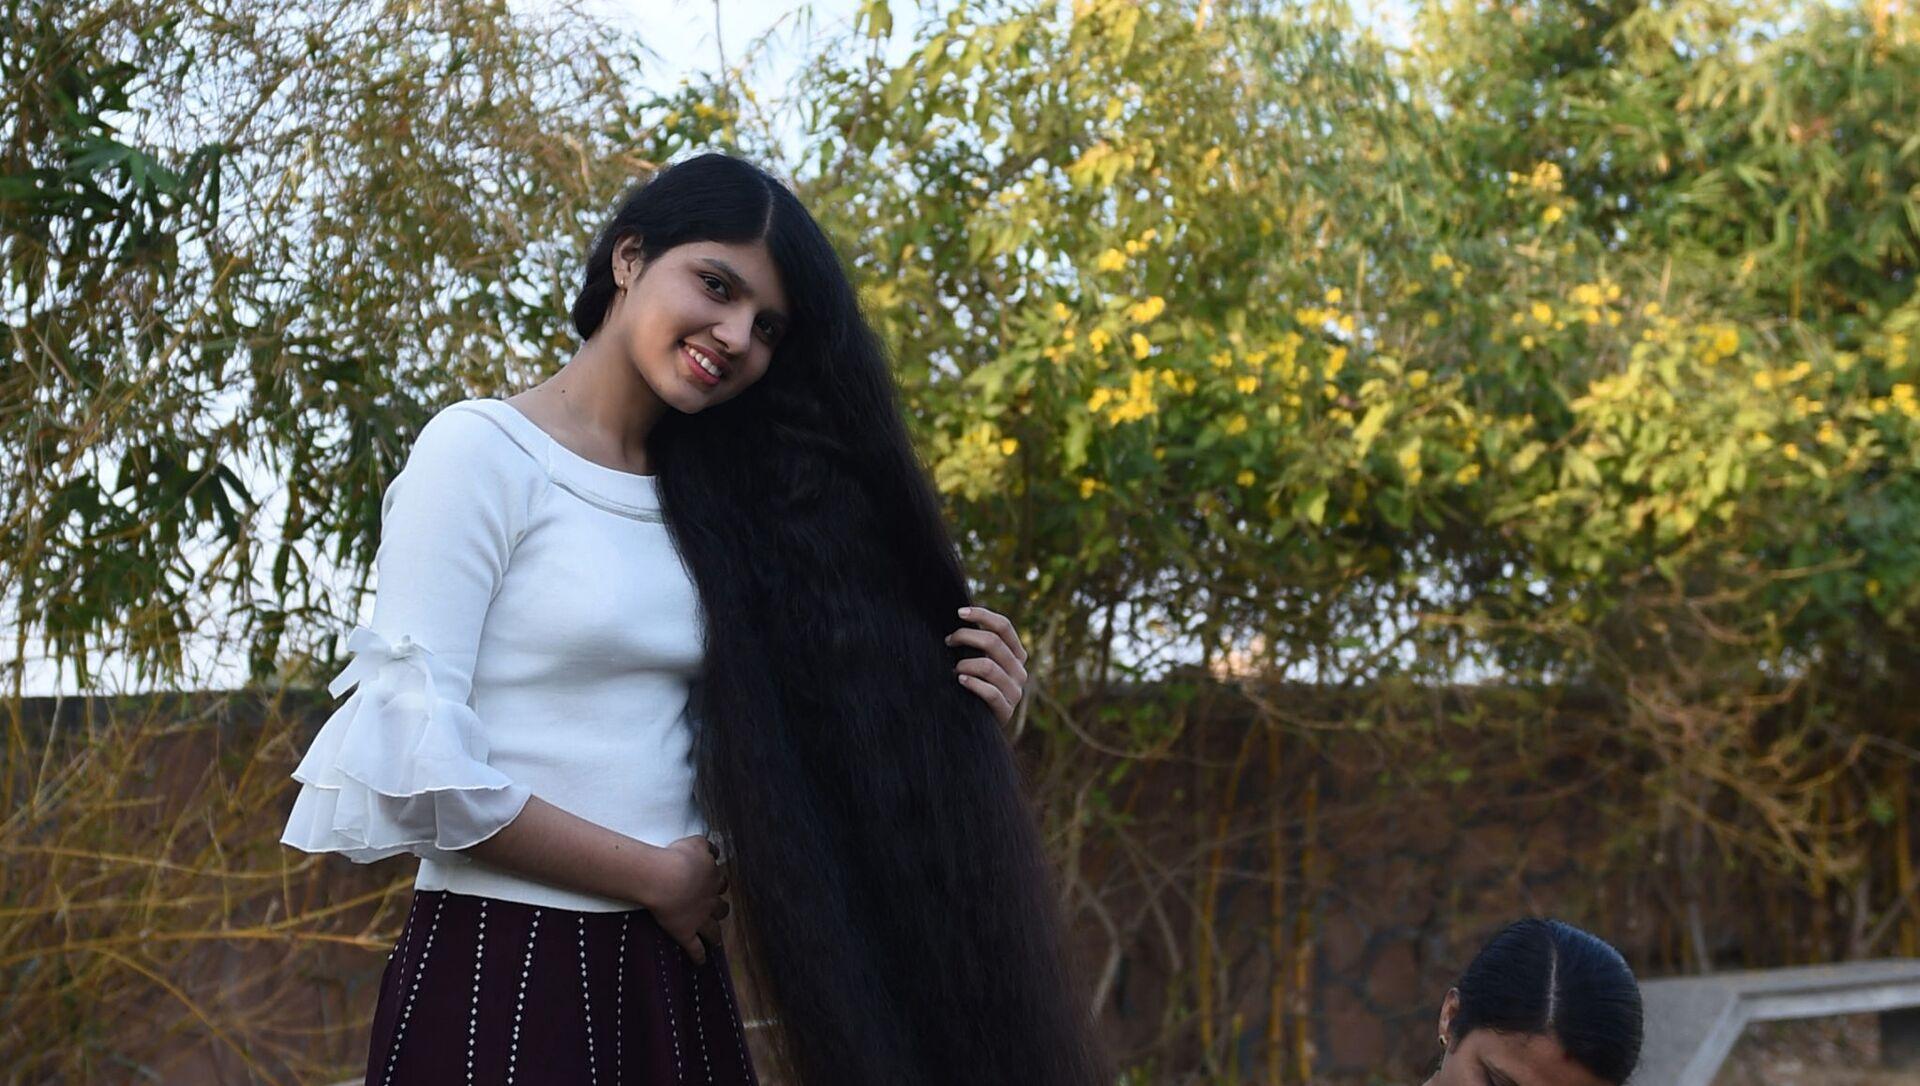 Nilanshi Patel, di Modasa, Gujarat, India, detiene dal 2018 il Guinness World Record per il capelli più lunghi del mondo di una teenager - Sputnik Italia, 1920, 19.04.2021